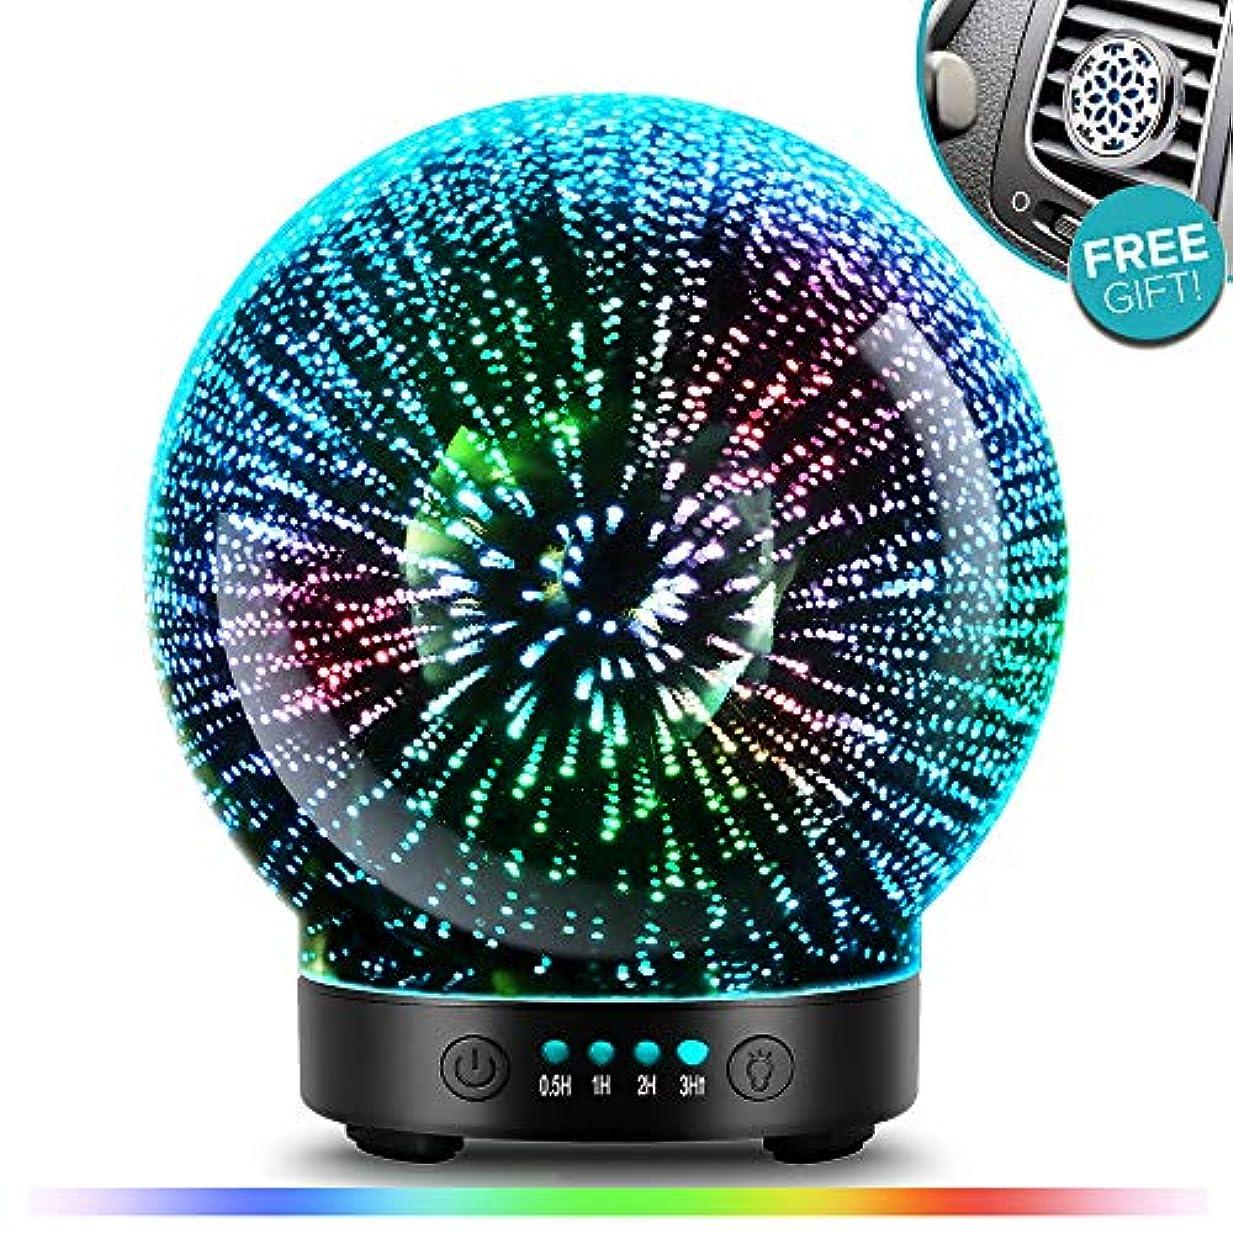 ひどい理解する追うPOBEES 3グラスアロマエッセンシャルオイルディフューザー - 最新バージョン 香り オイル加湿器7 花火 テーマプレミアム超音波ミスト自動オフ安全スイッチカーベントクリップカラー照明モードを主導